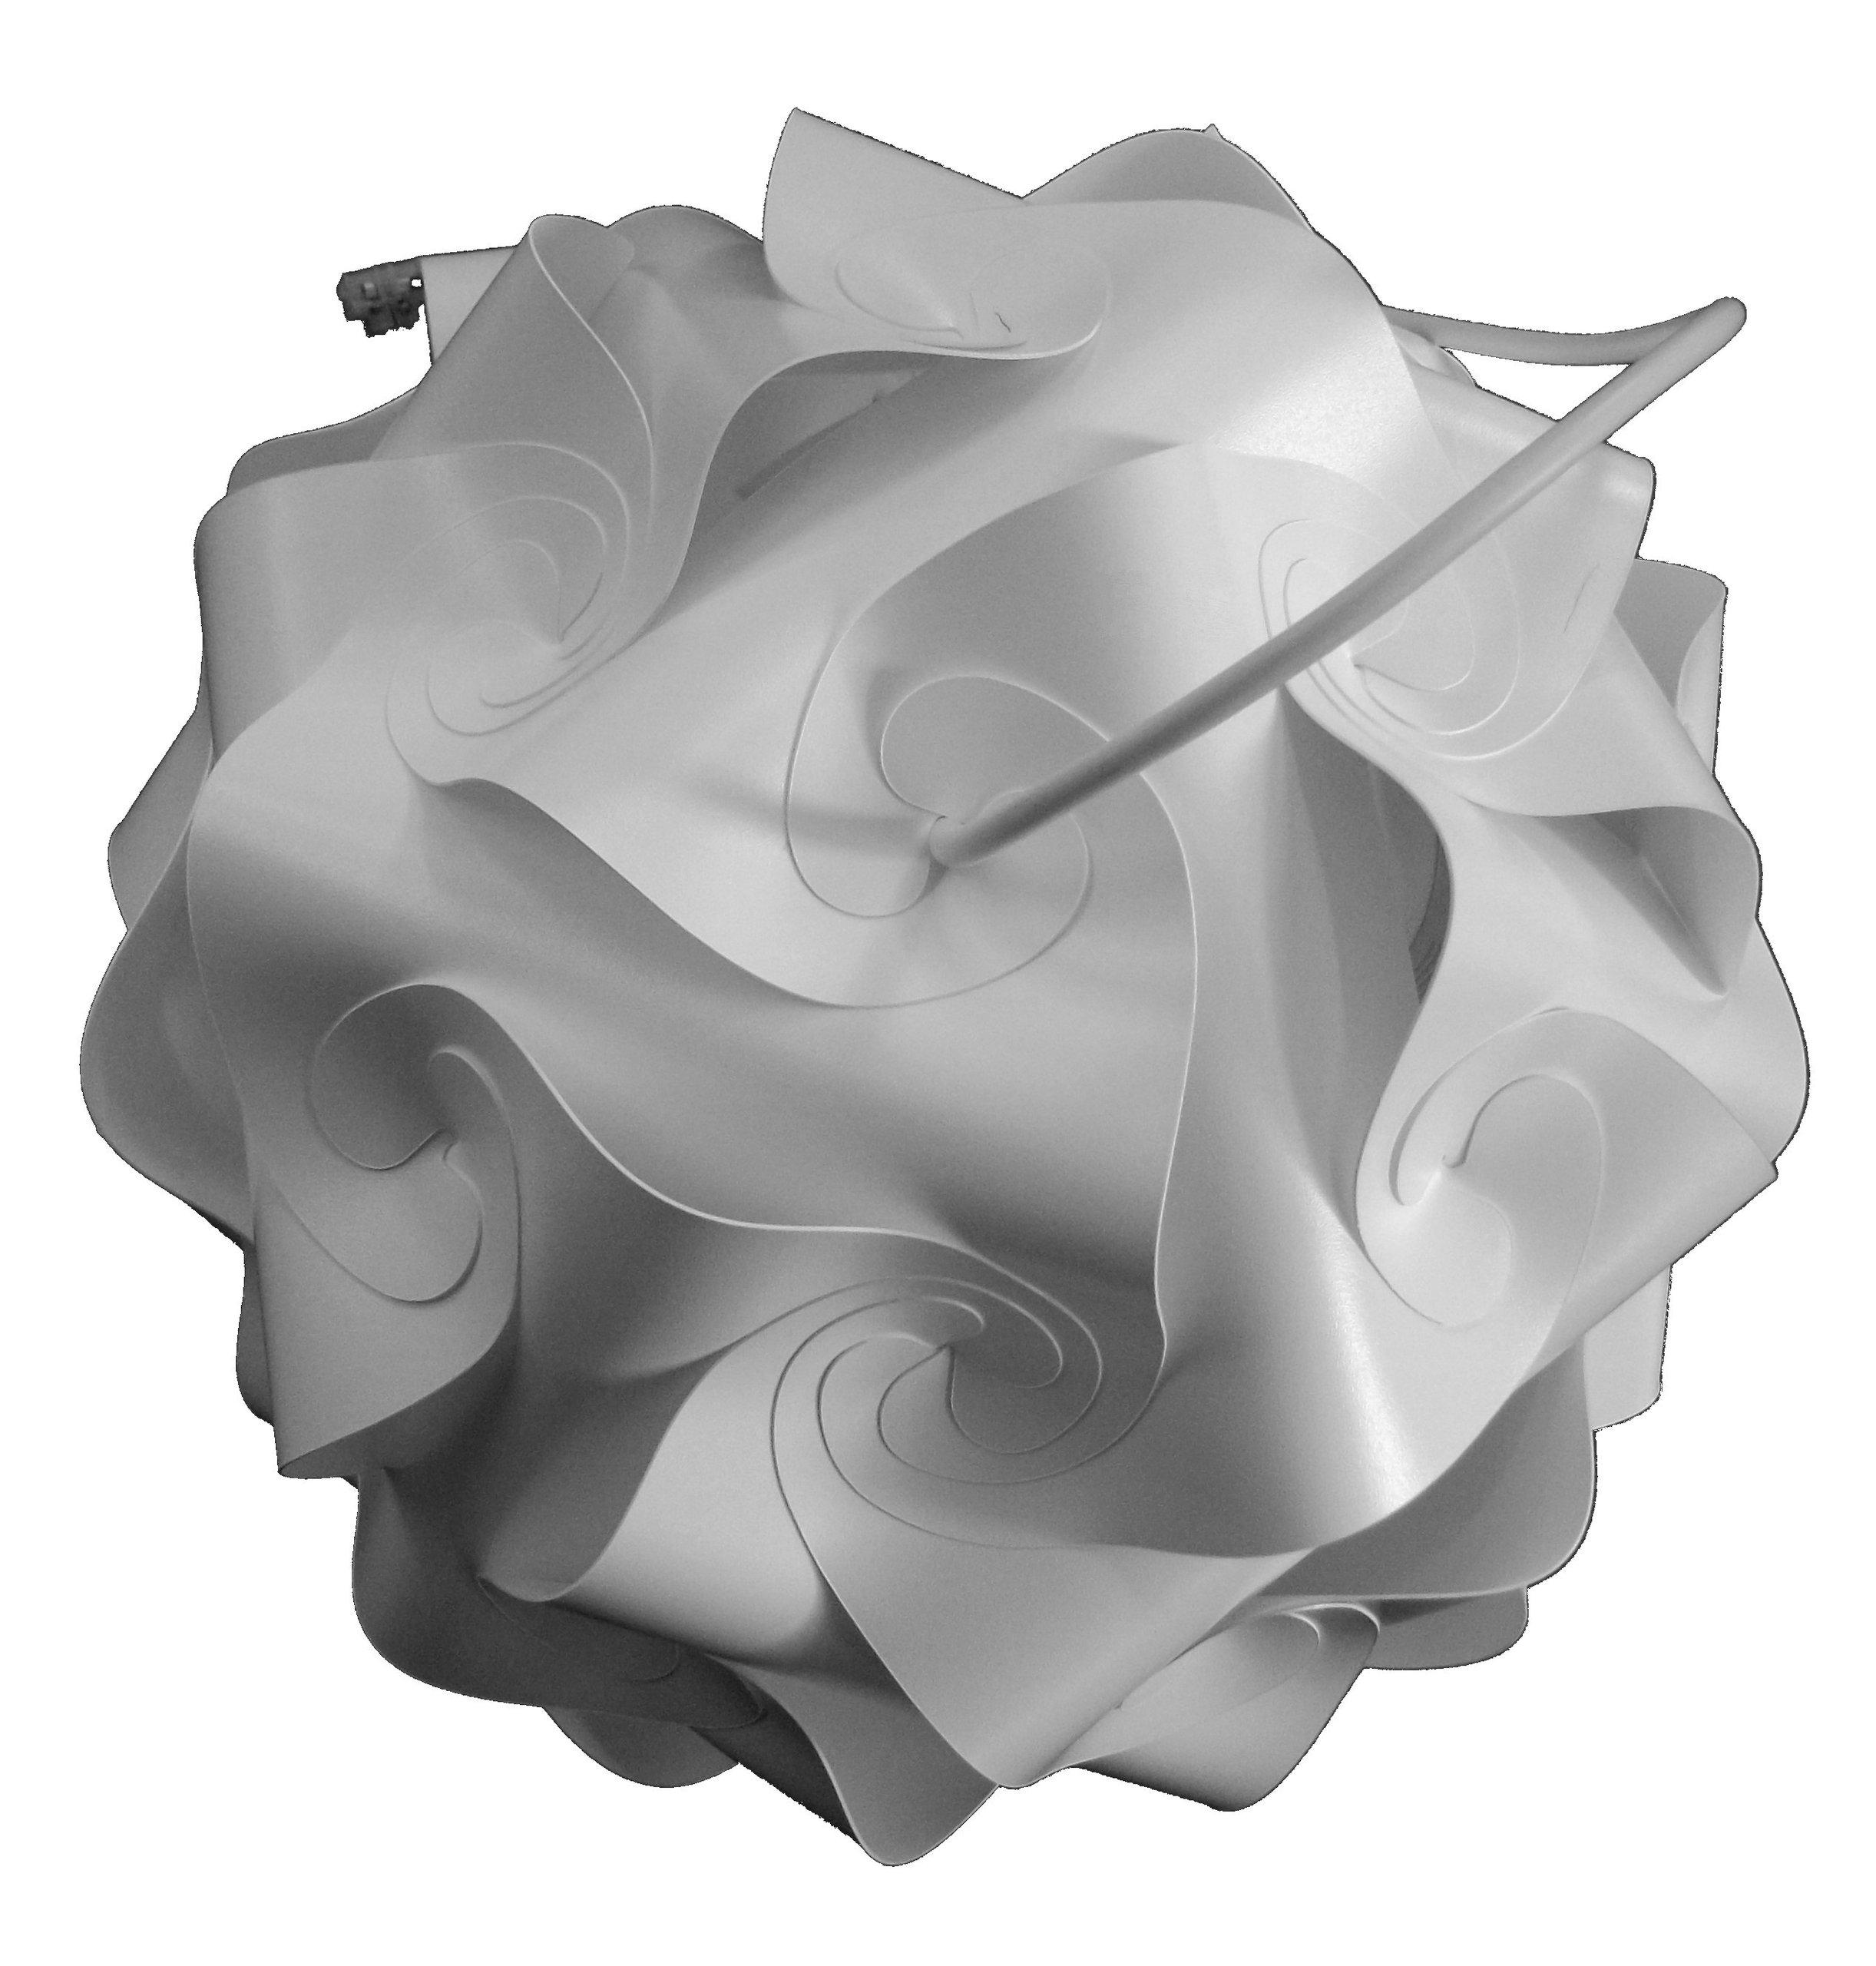 Складной абажур с 30 элементами, диам. 29 см СПЕЦИАЛЬНОЕ ПРЕДЛОЖЕНИЕ